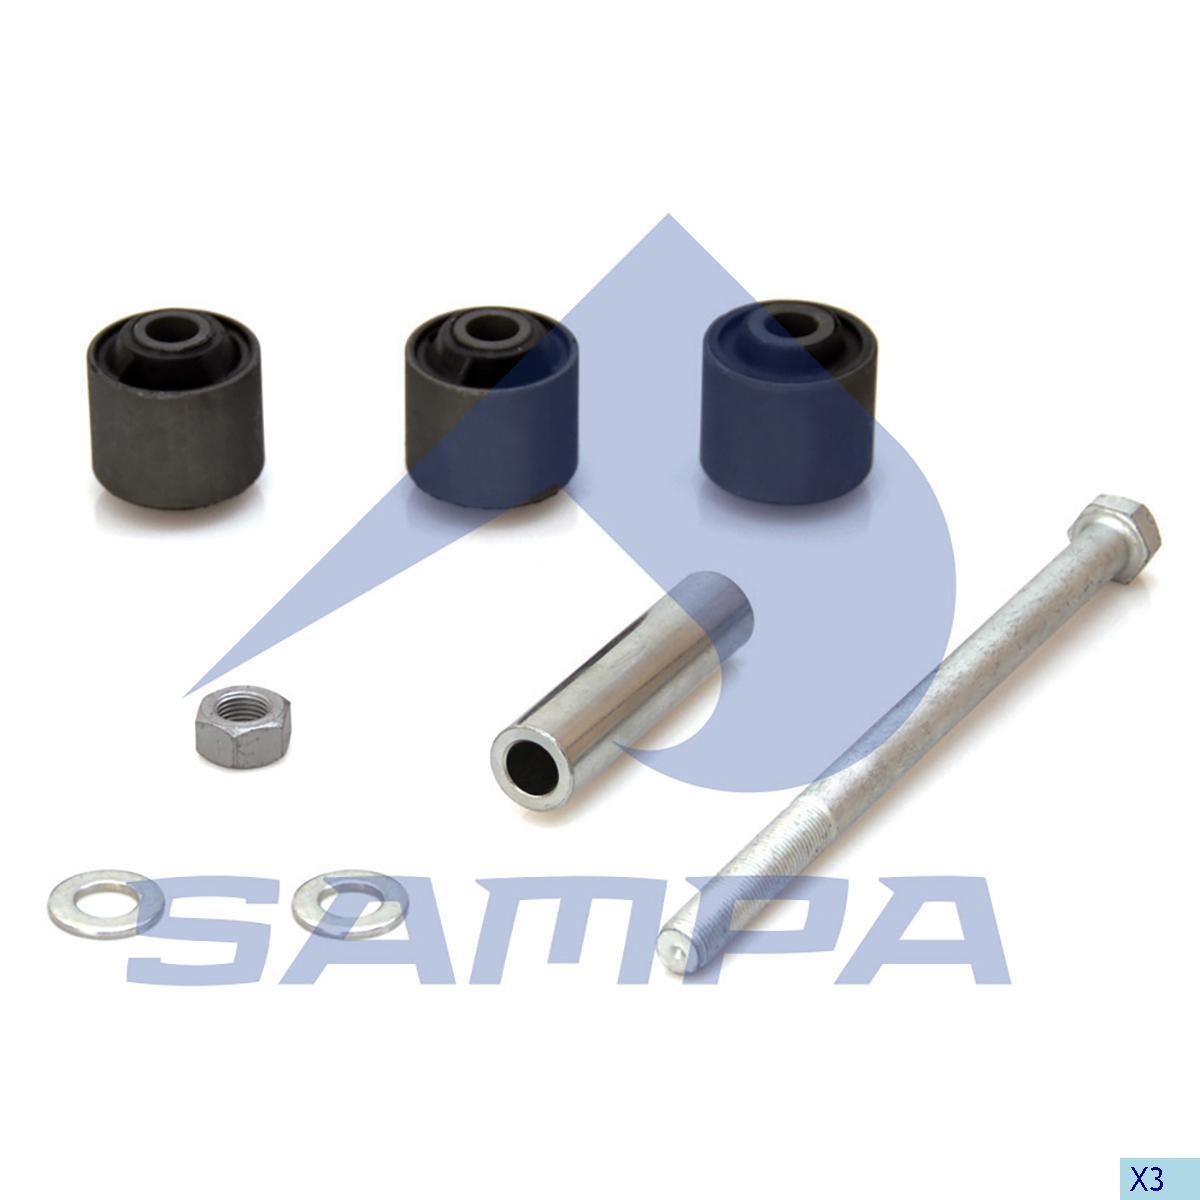 Repair Kit, Cab, R.V.I., Cab